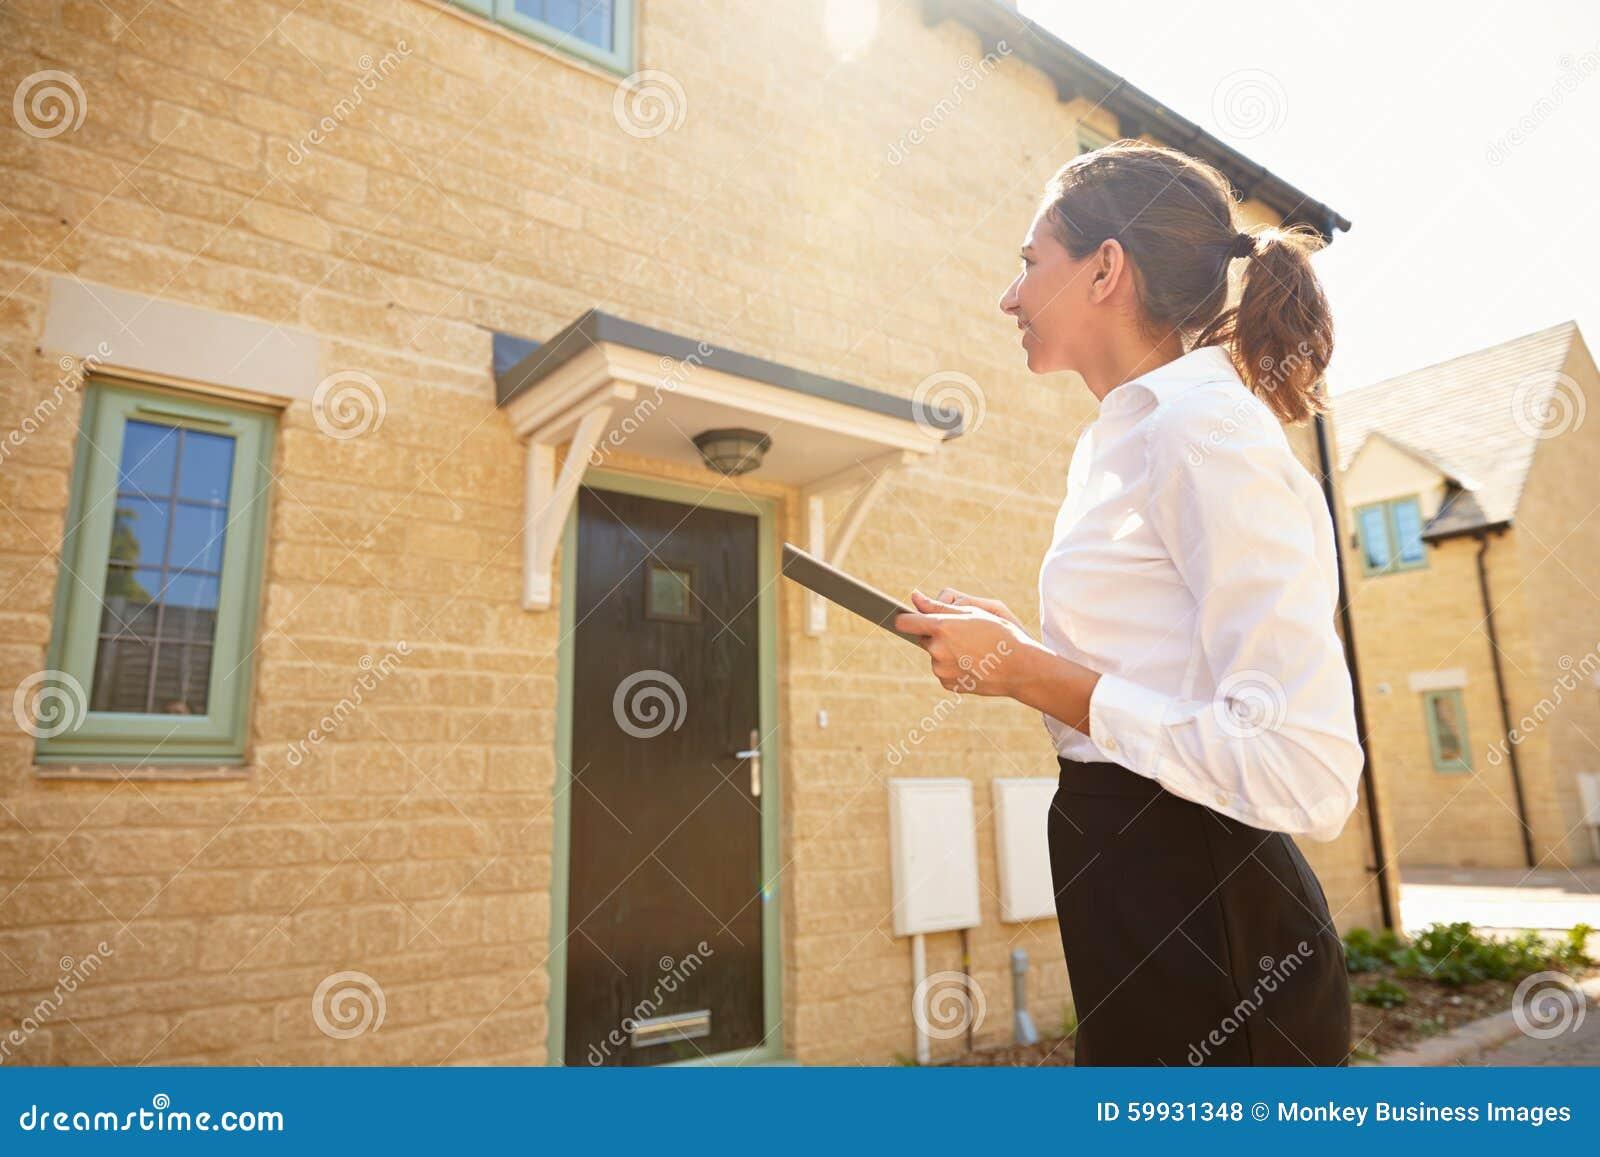 Vrai agent immobilier femelle regardant un extérieur de maison